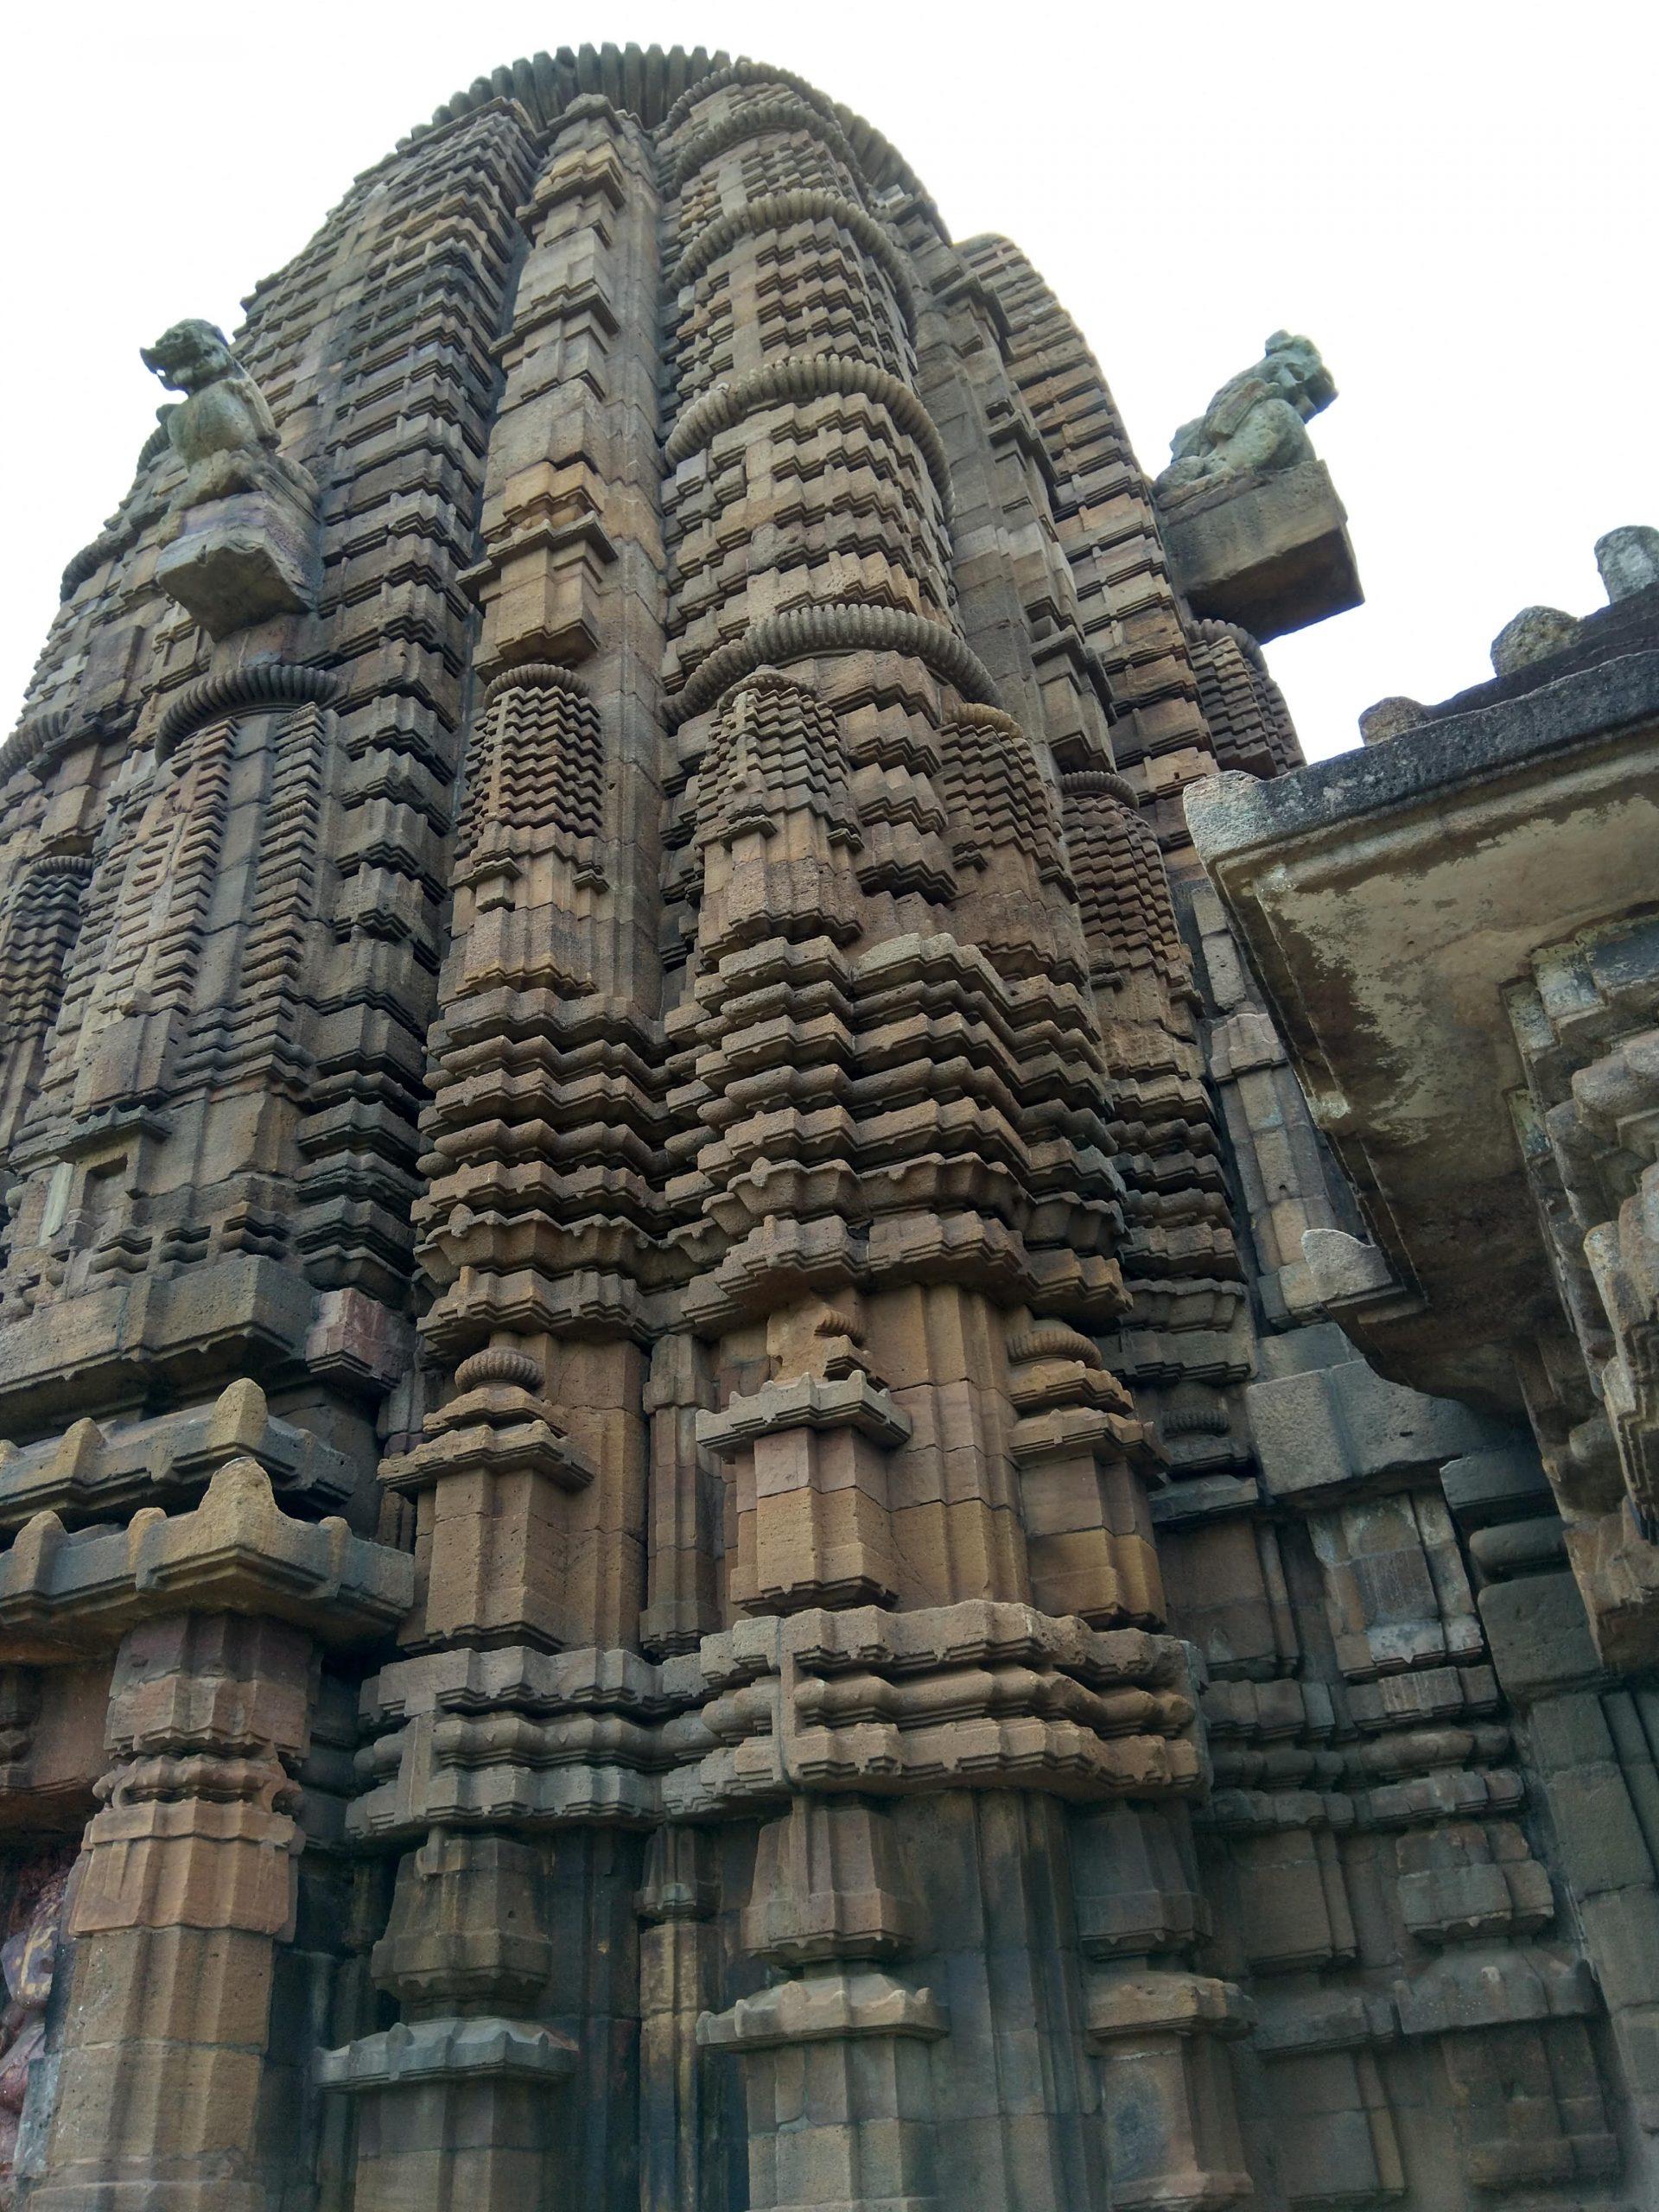 The huge Bhubaneswara temple.